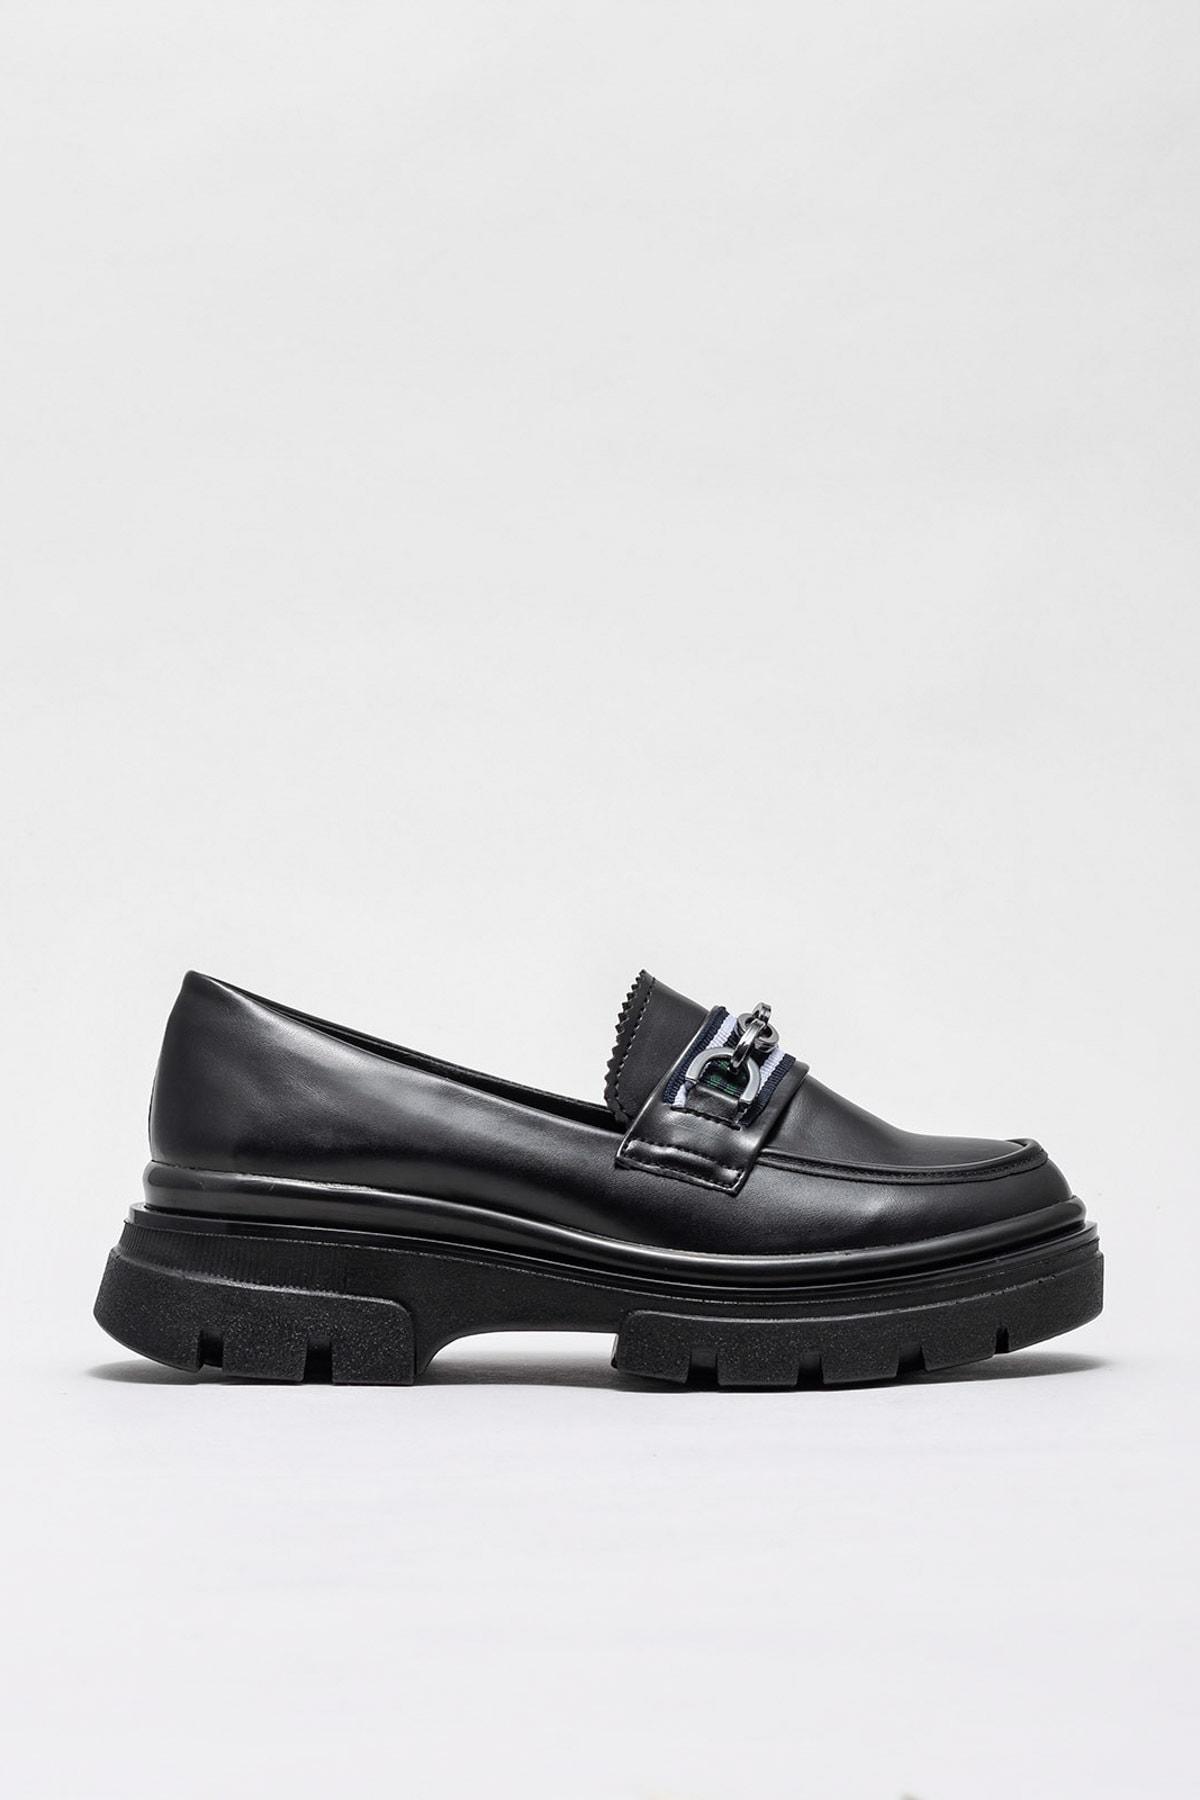 Elle Shoes Kadın Casual Ayakkabı Delevan 20KAY13 1